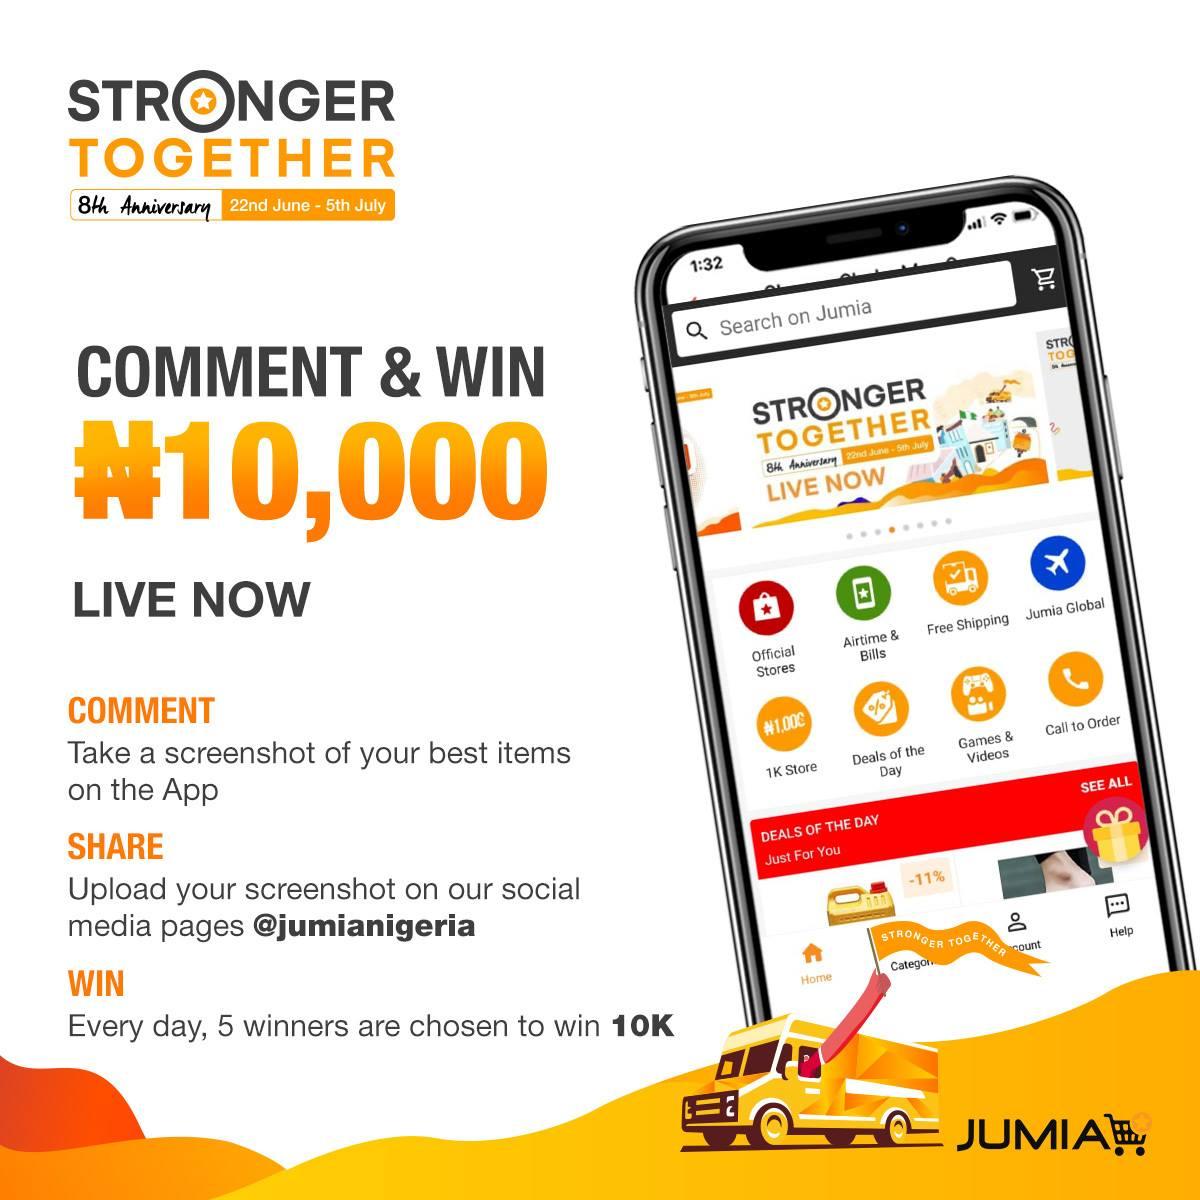 SNAP & WIN N10,000 in Jumia Nigeria Giveaway.